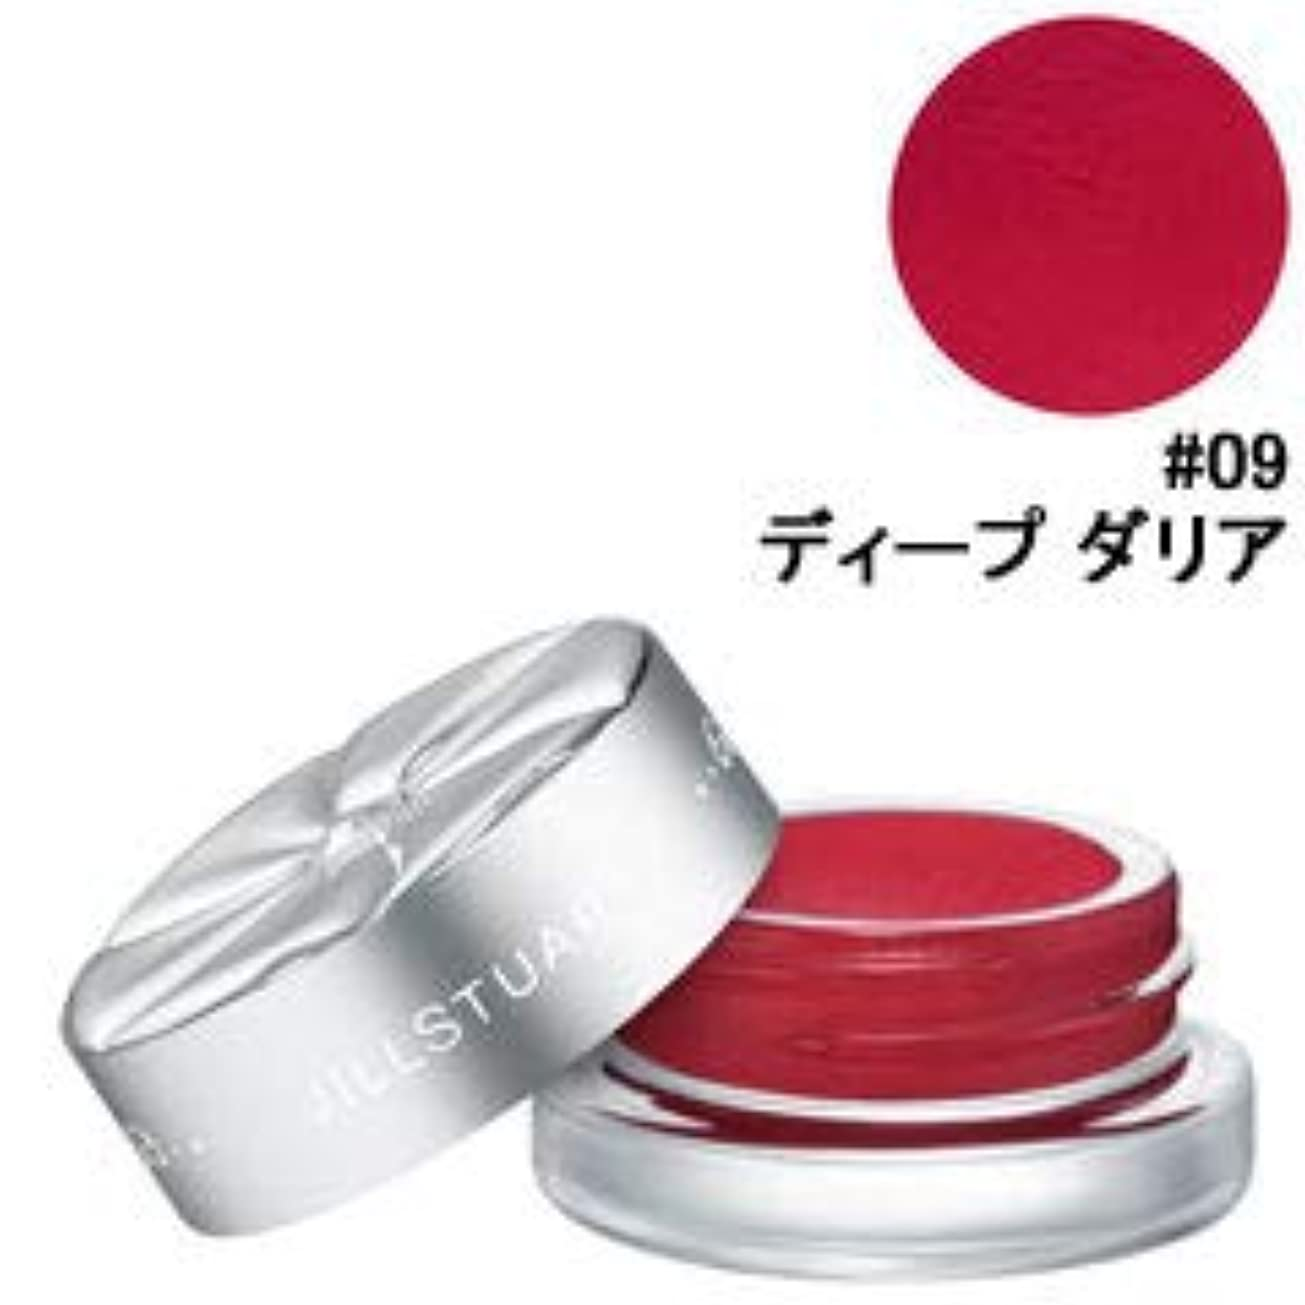 出口確保する誘惑する【ジルスチュアート】チーク&アイブロッサム #09 ディープ ダリア 4g